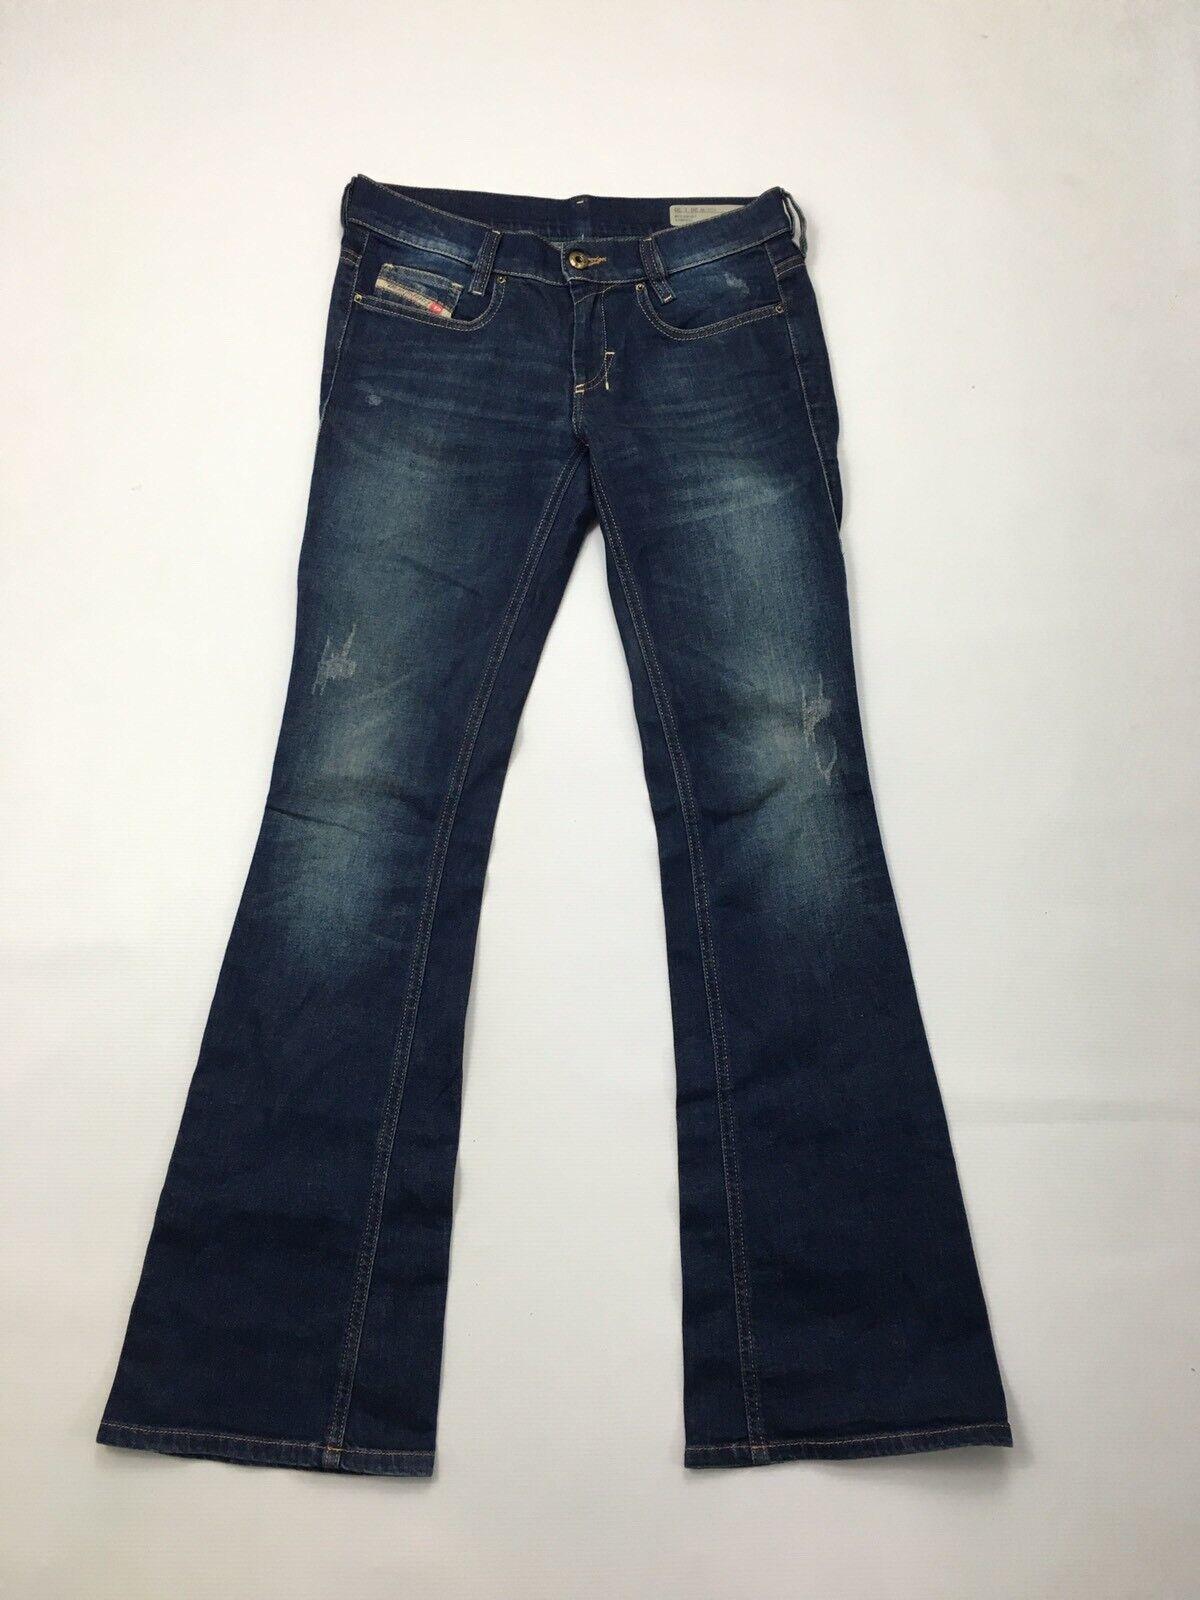 Women's Diesel 'LOWBOOT' Jeans - W26 L30 - Dark Navy - Great Condition